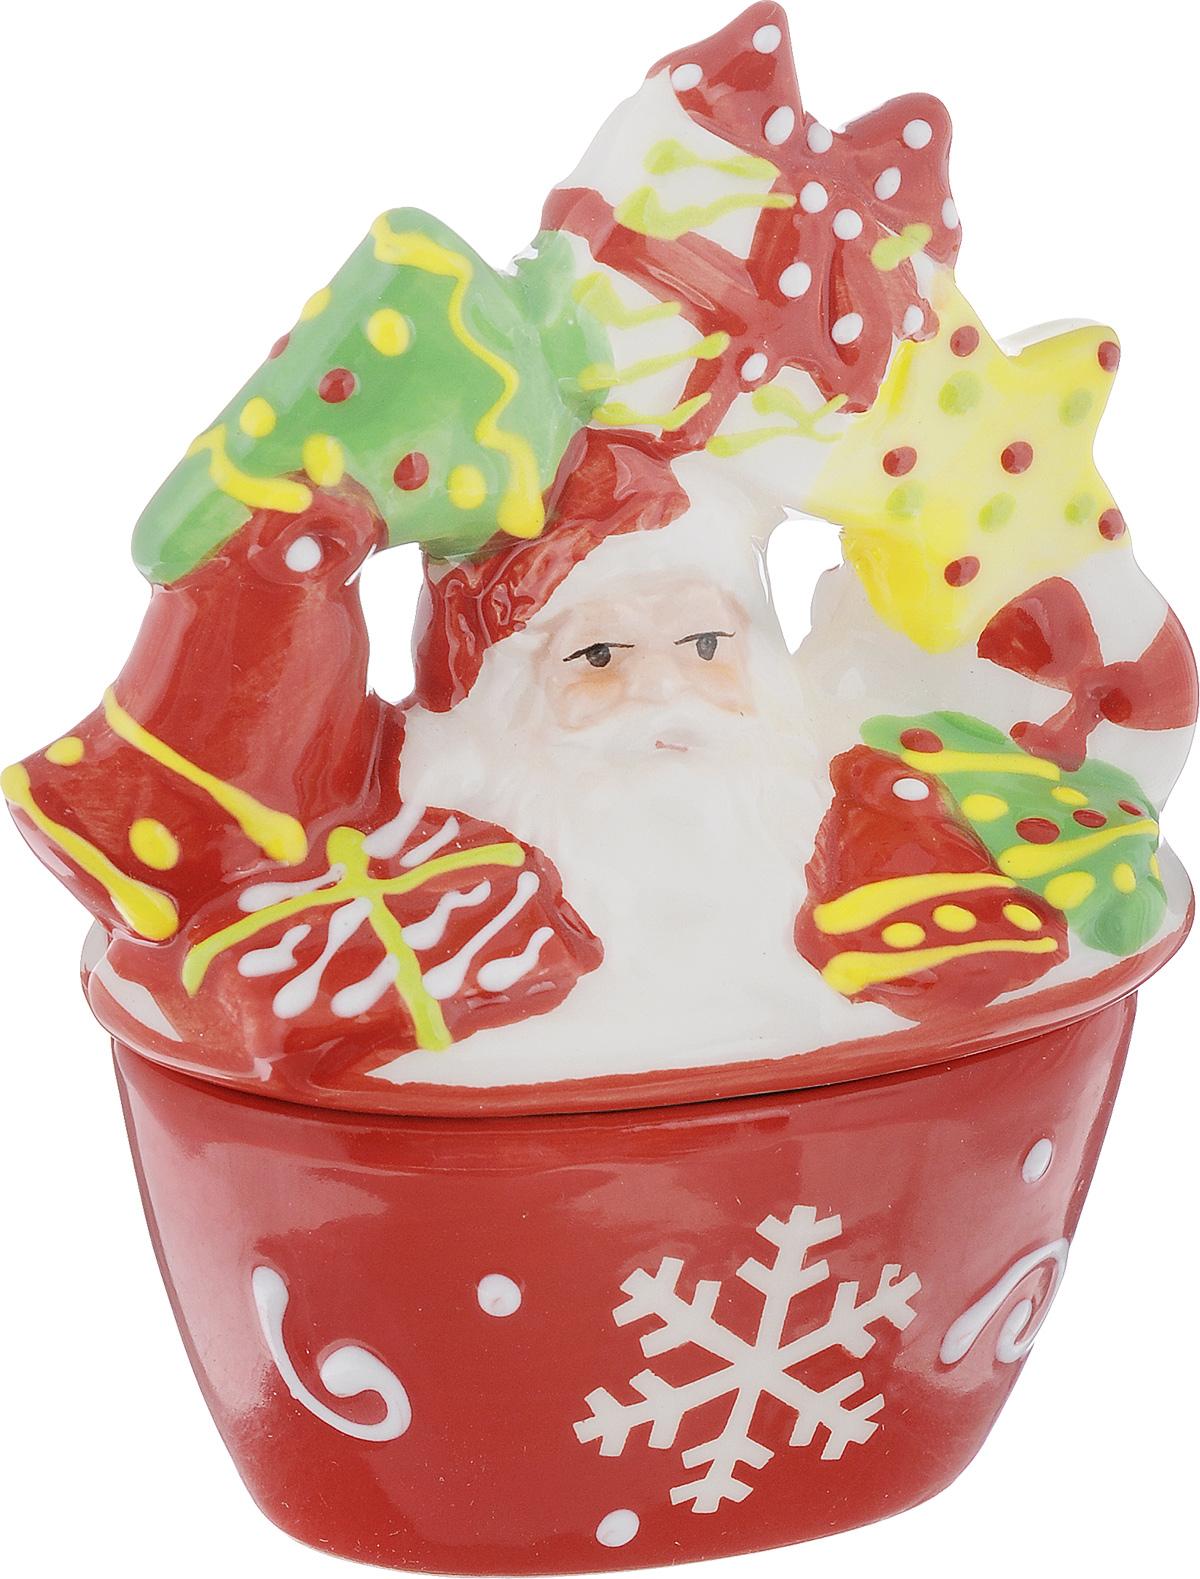 Конфетница House & Holder, с крышкой, 9 х 5 х 11 см115610Конфетница House & Holder выполнена извысококачественной керамики, оснащена крышкойс изображение Деда Мороза с подарками. Изделиеоформлено в новогоднем стиле. Конфетница оригинально украсит ваш стол иподчеркнет изысканный вкус хозяйки.Размер конфетницы (без учета крышки): 7,3 х 4,7х 4 см.Размер конфетницы (с учетом крышки): 19,5 х 14 х20,5 см.